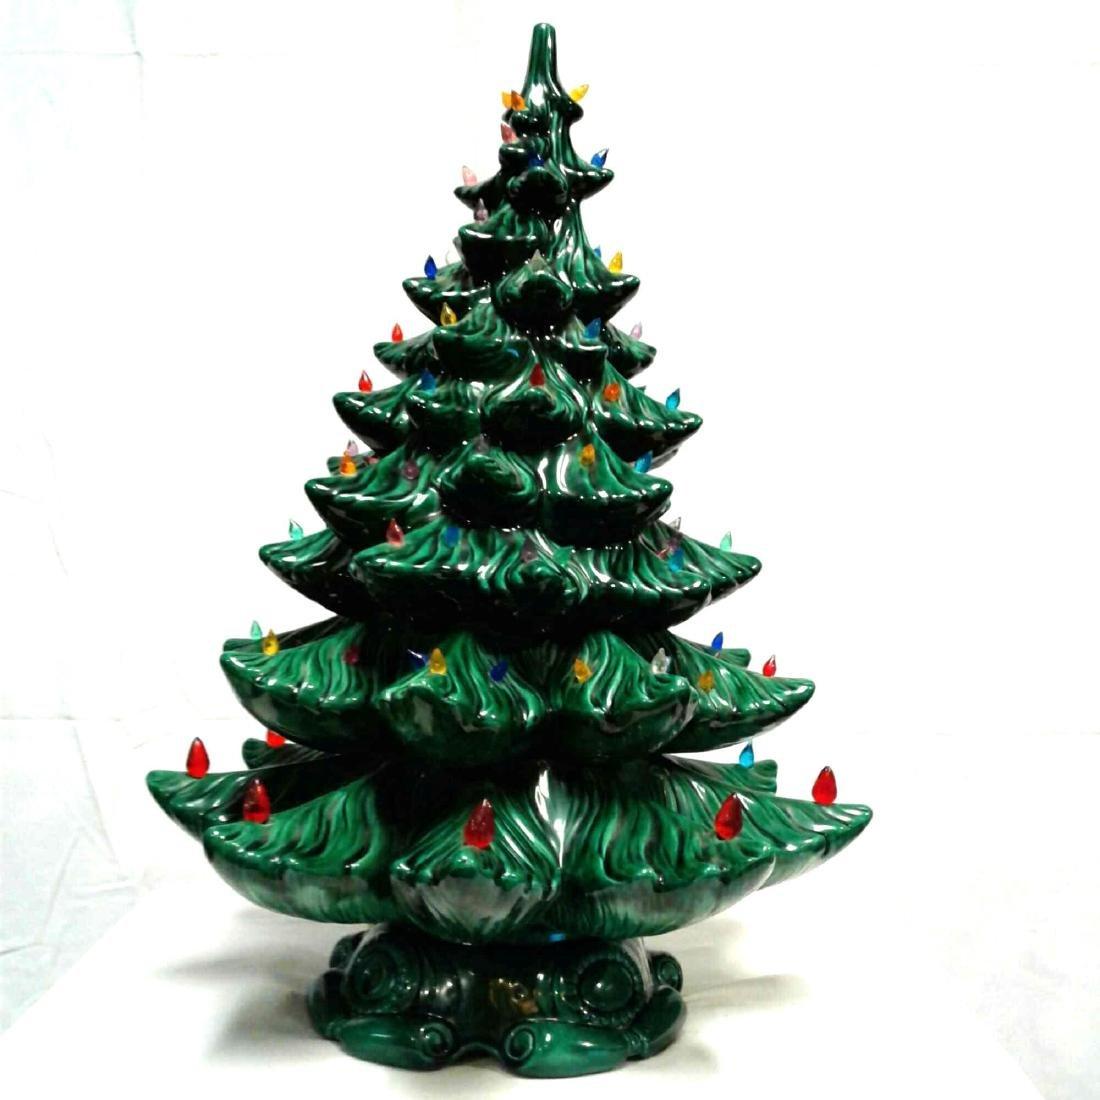 Vintage Ceramic Atlantic Mold Christmas Tree Jan 25 2018 Rapid